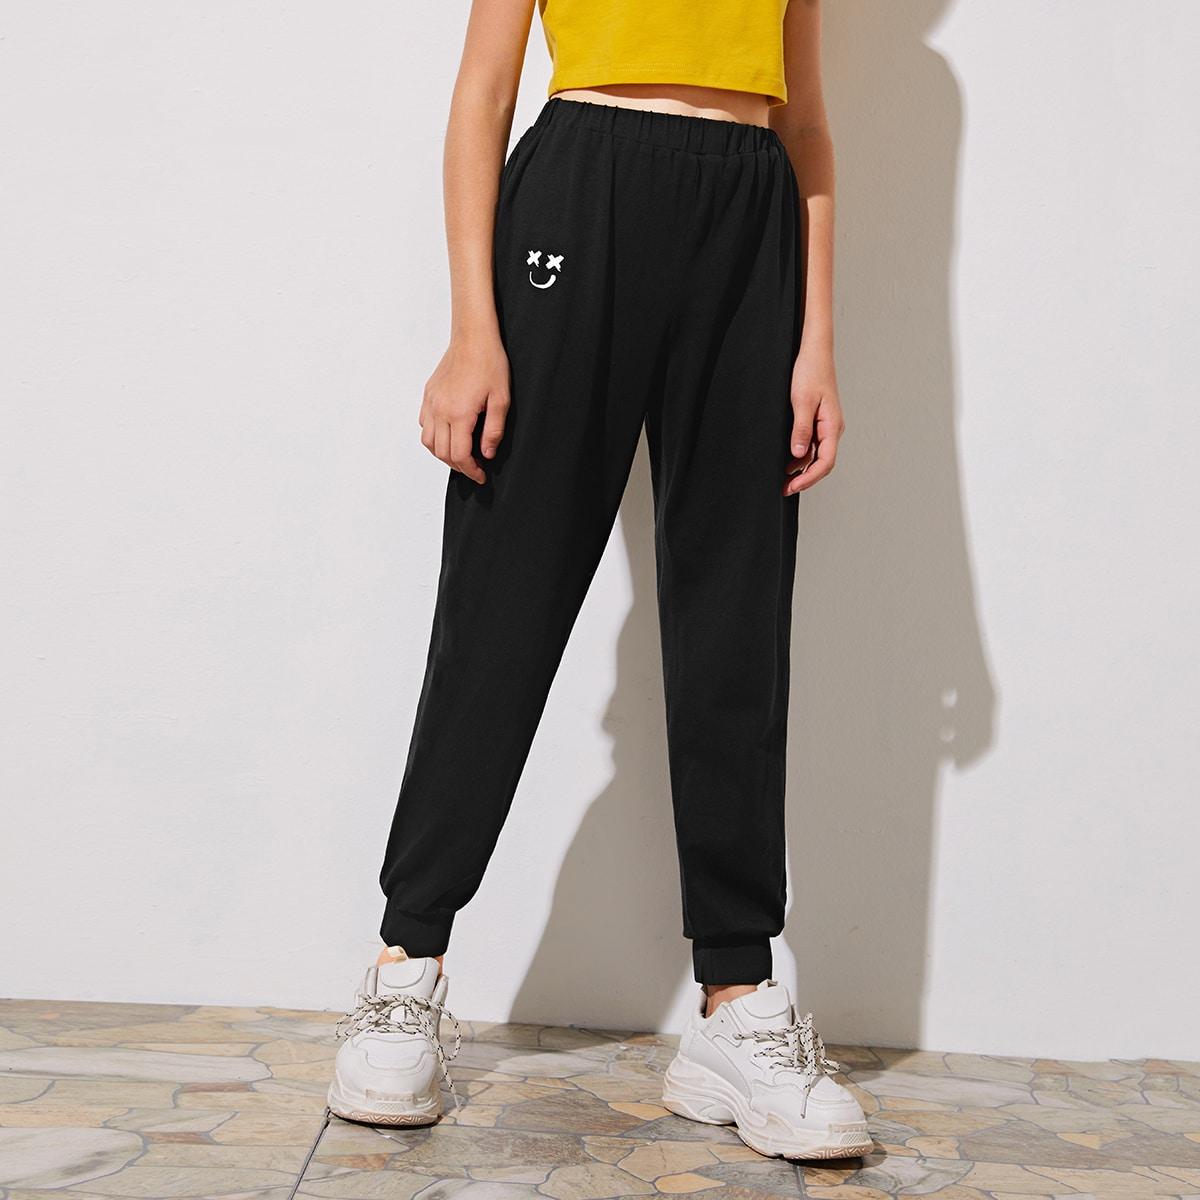 Спортивные брюки с мультяшным принтом для девочек